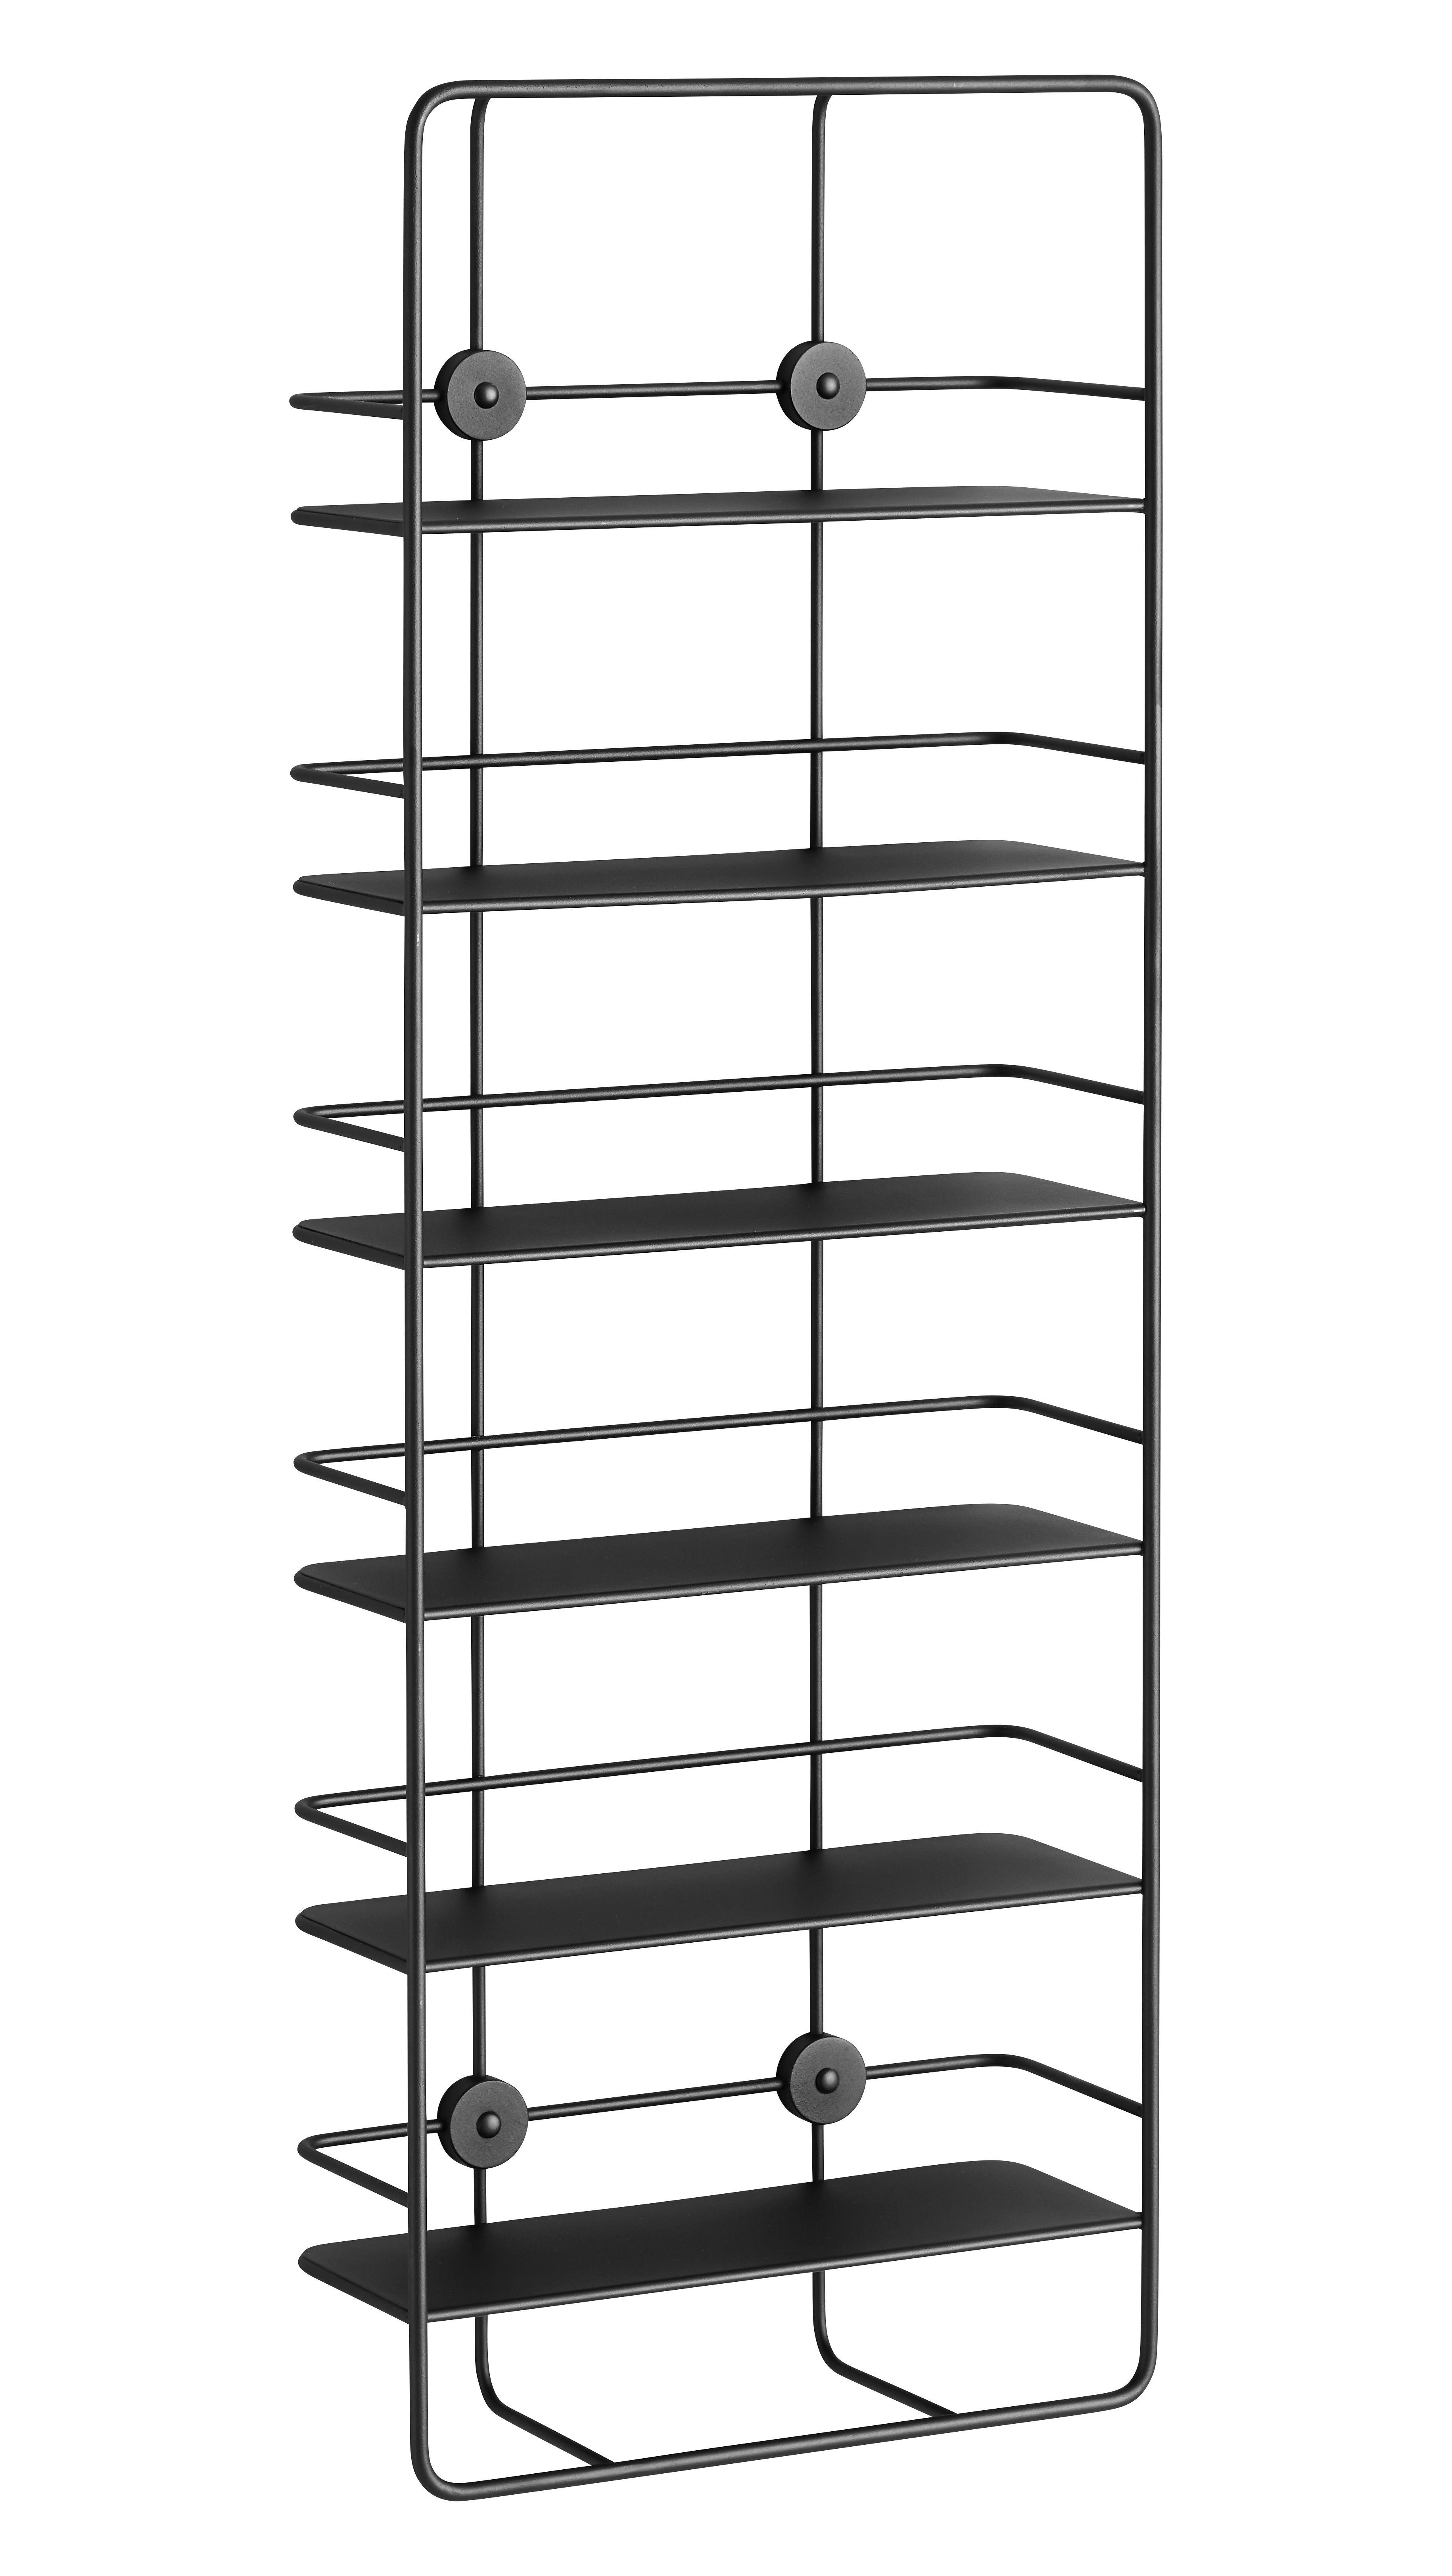 Mobilier - Etagères & bibliothèques - Etagère Coupé / Verticale - Métal - L 37 x H 103 cm - Woud - Noir - Métal laqué époxy